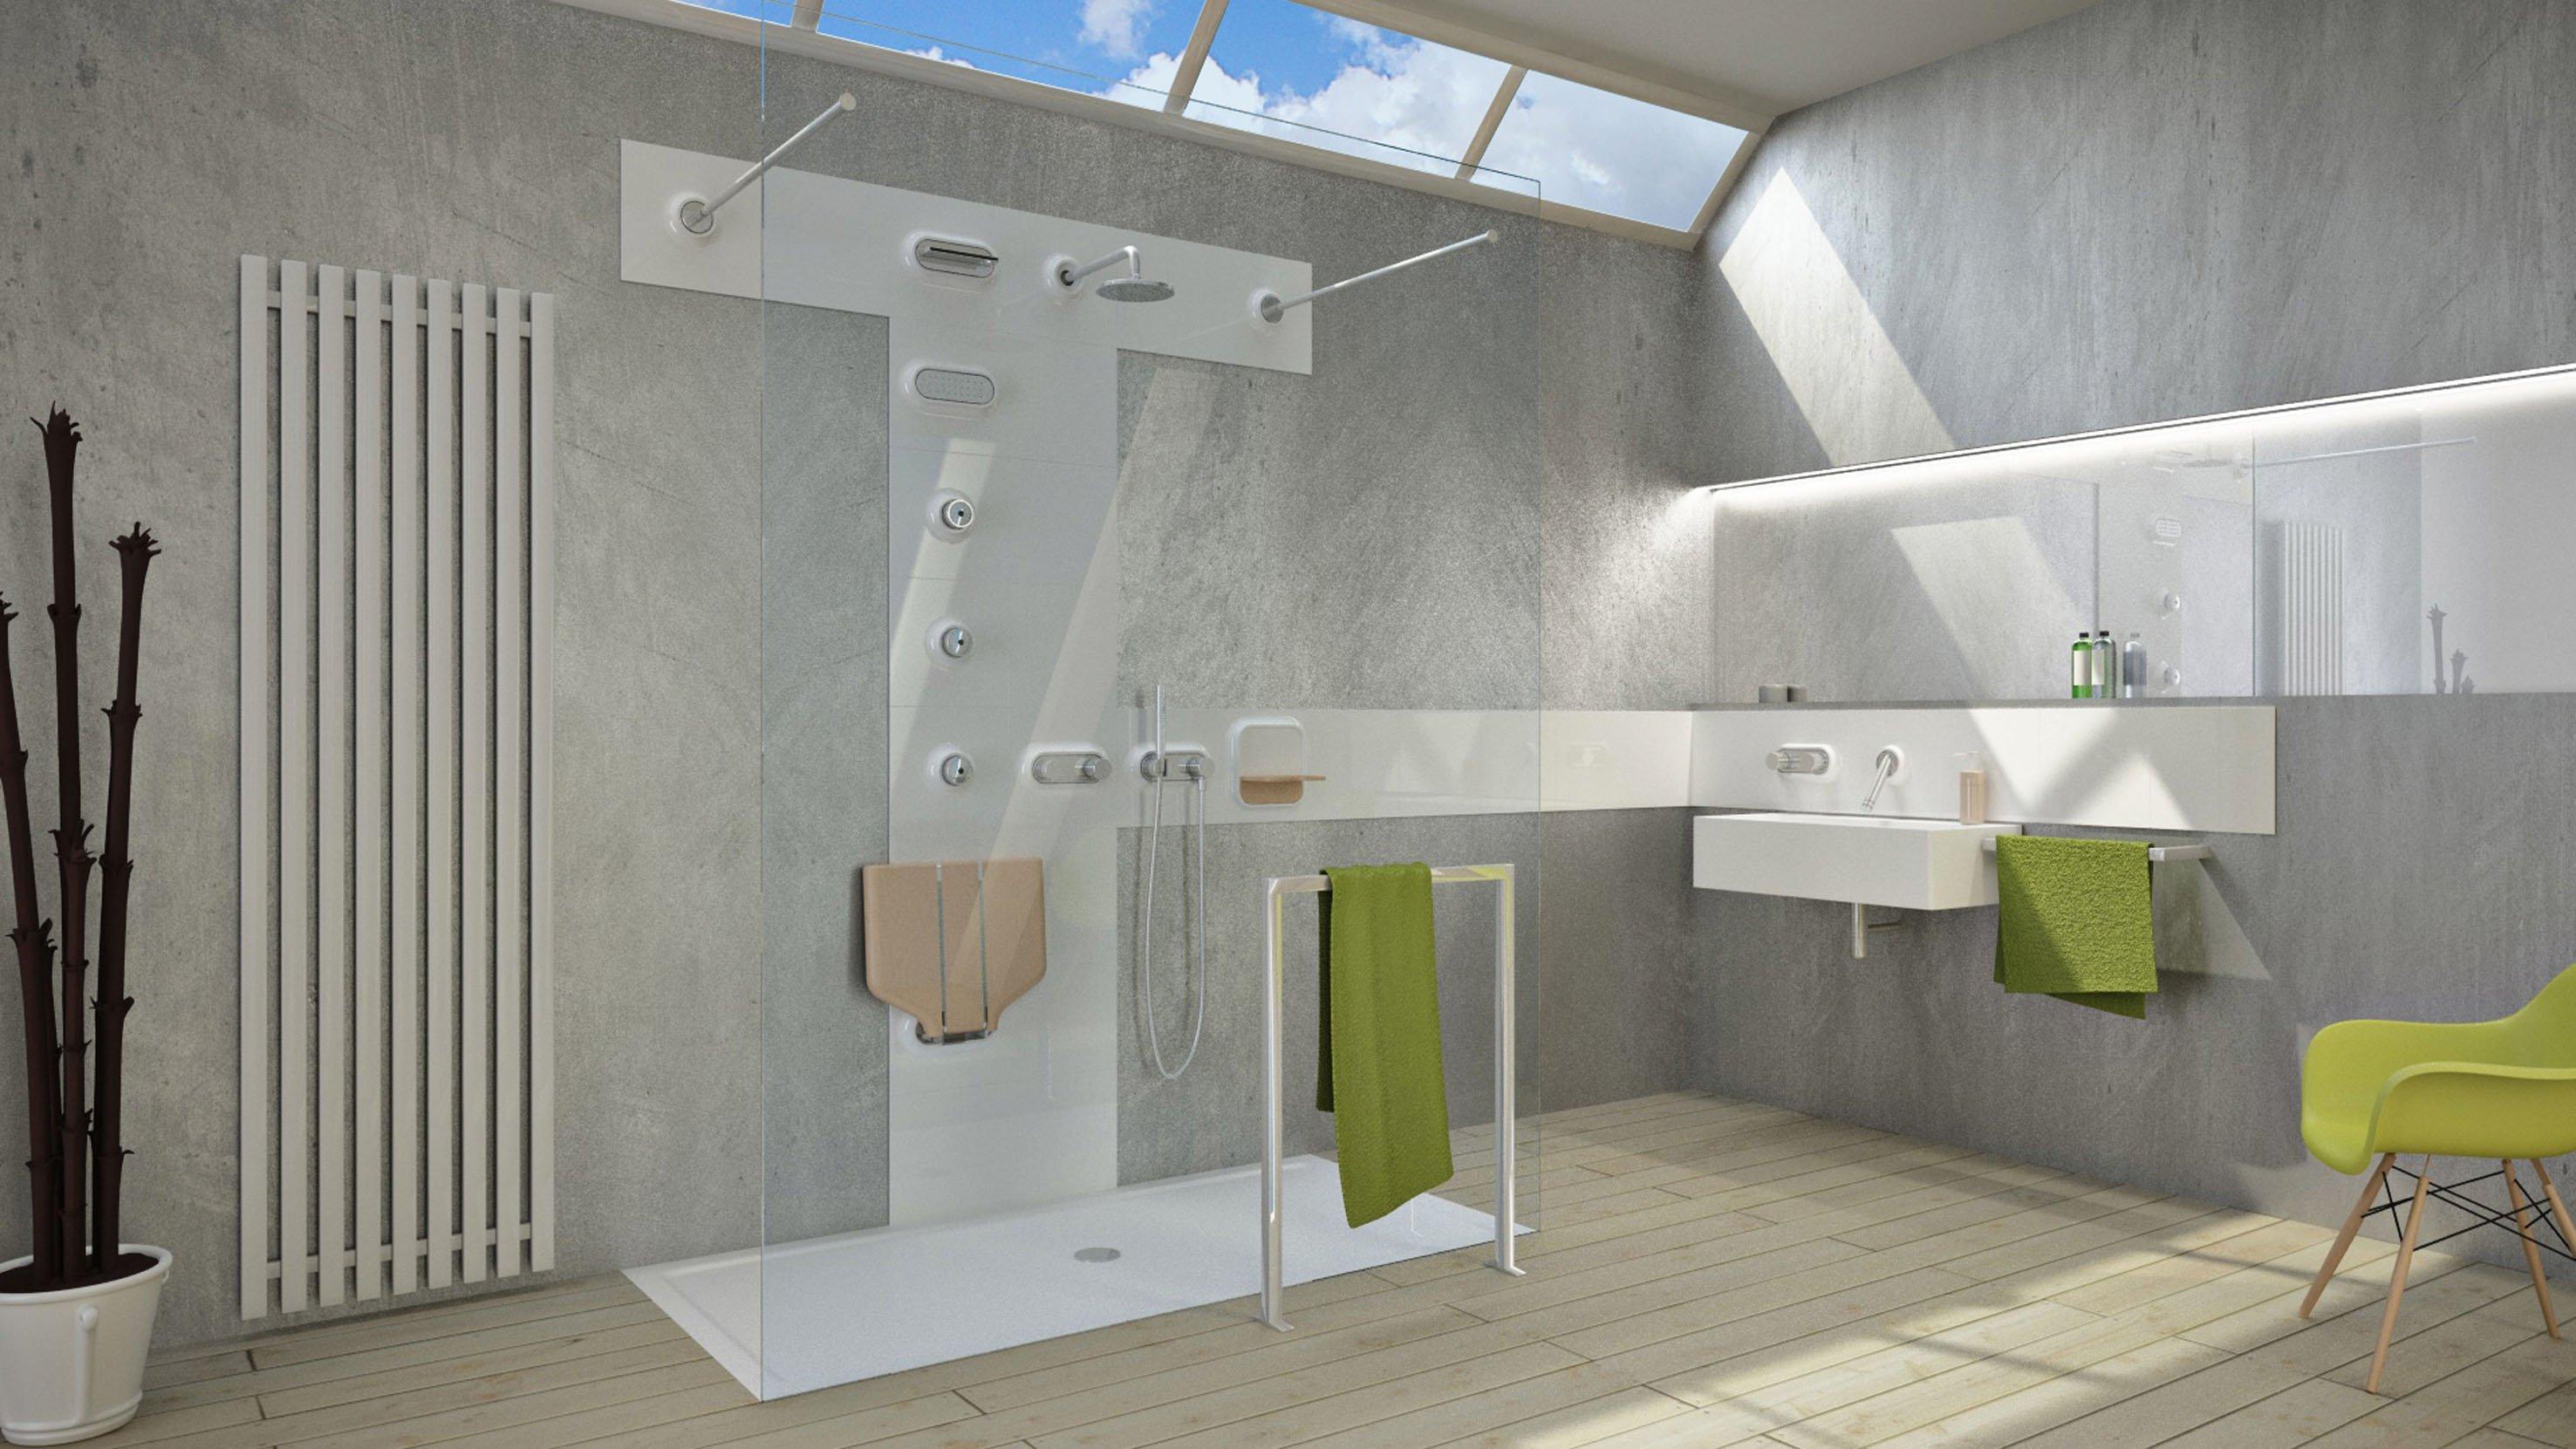 Glass propone modula piastrelle attrezzate con rubinetteria o mensole cose di casa - Composizione piastrelle bagno ...